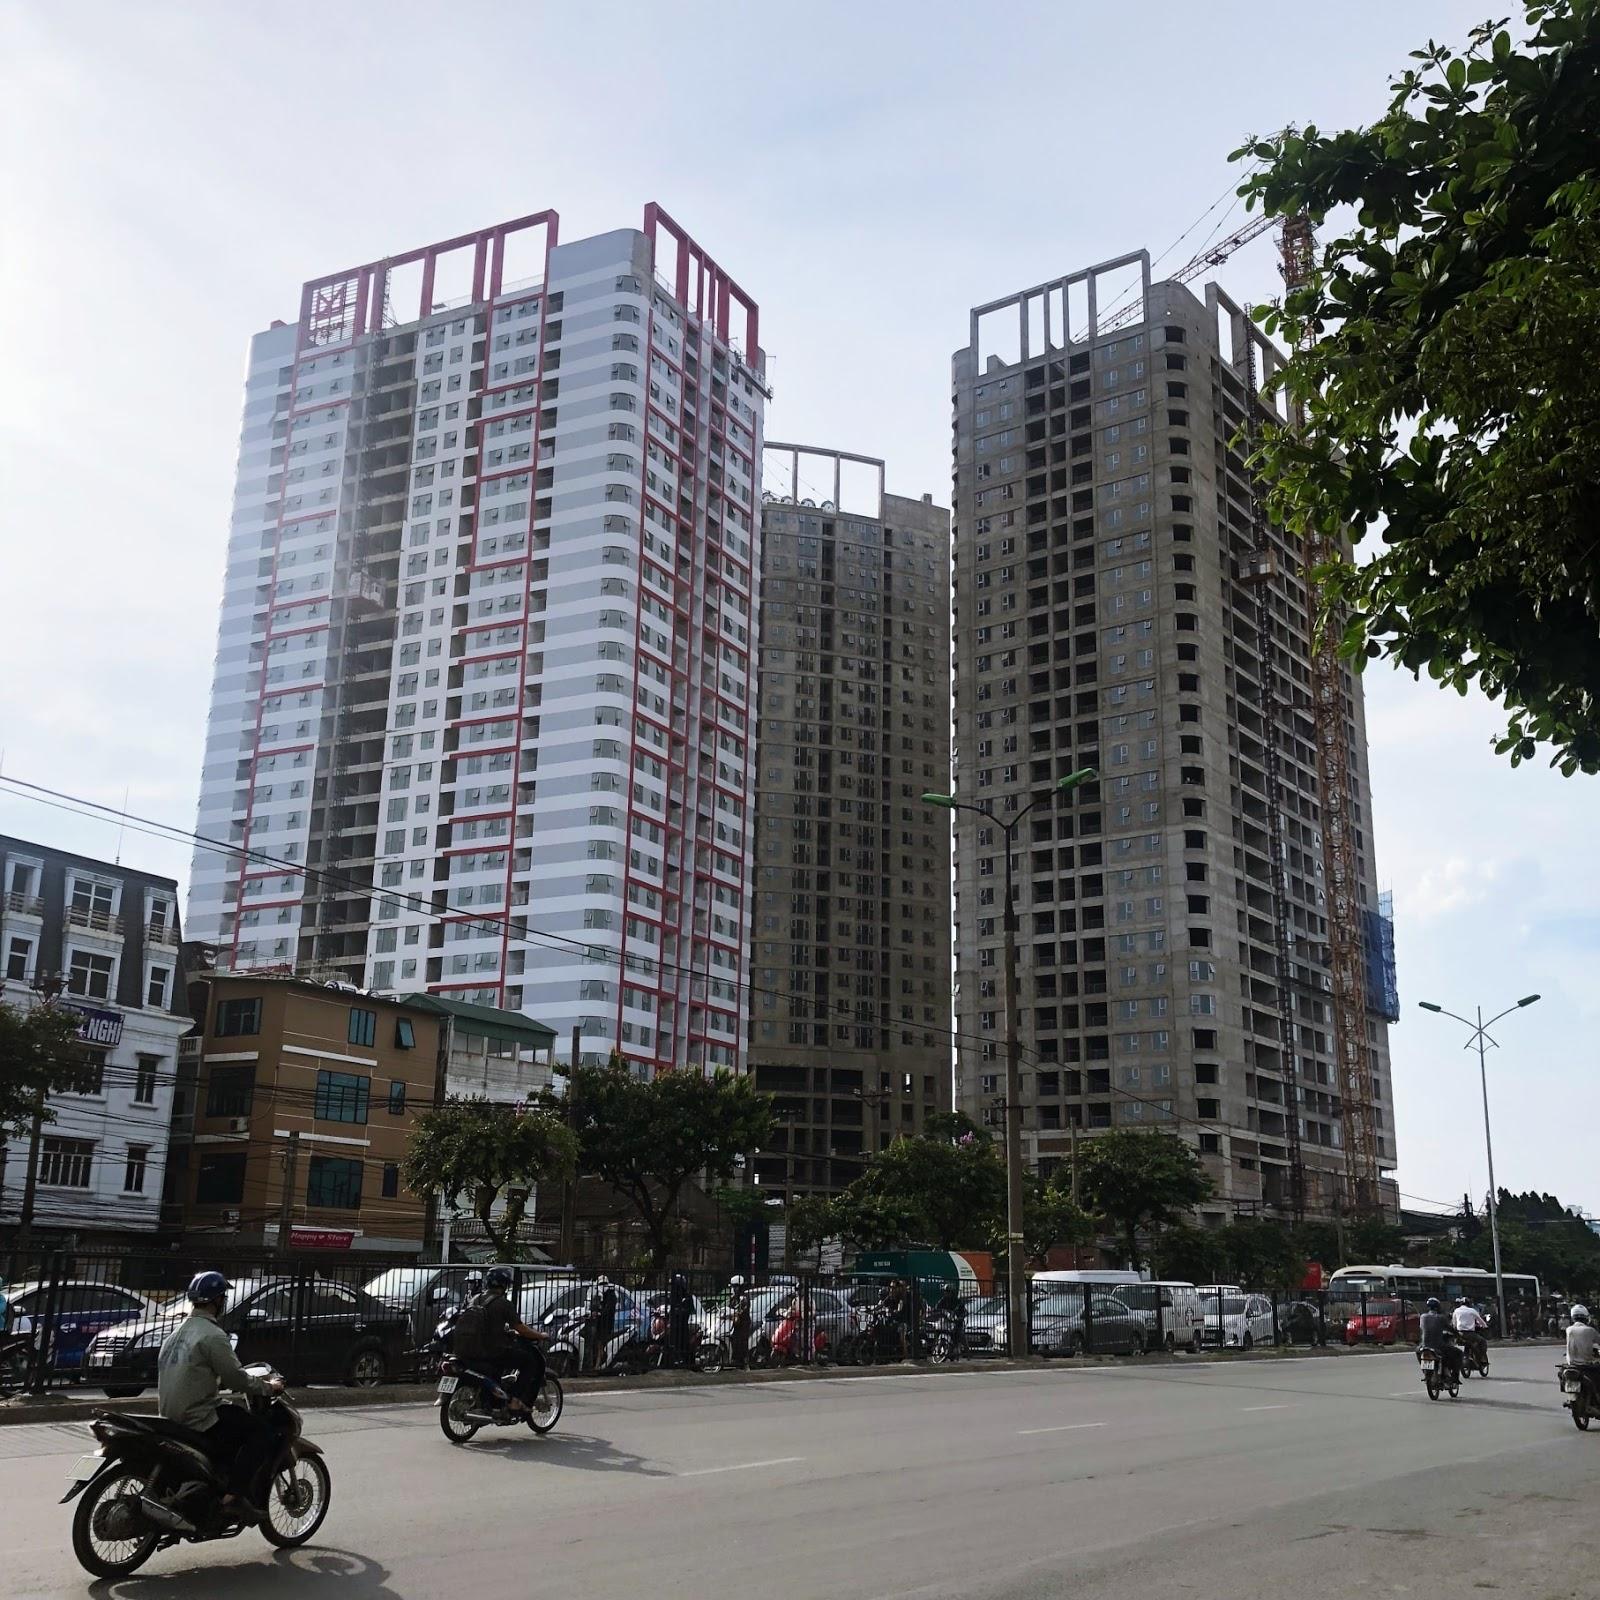 Tiến độ xây dựng dự án chung cư Imperial Plaza Giải Phóng tháng 6